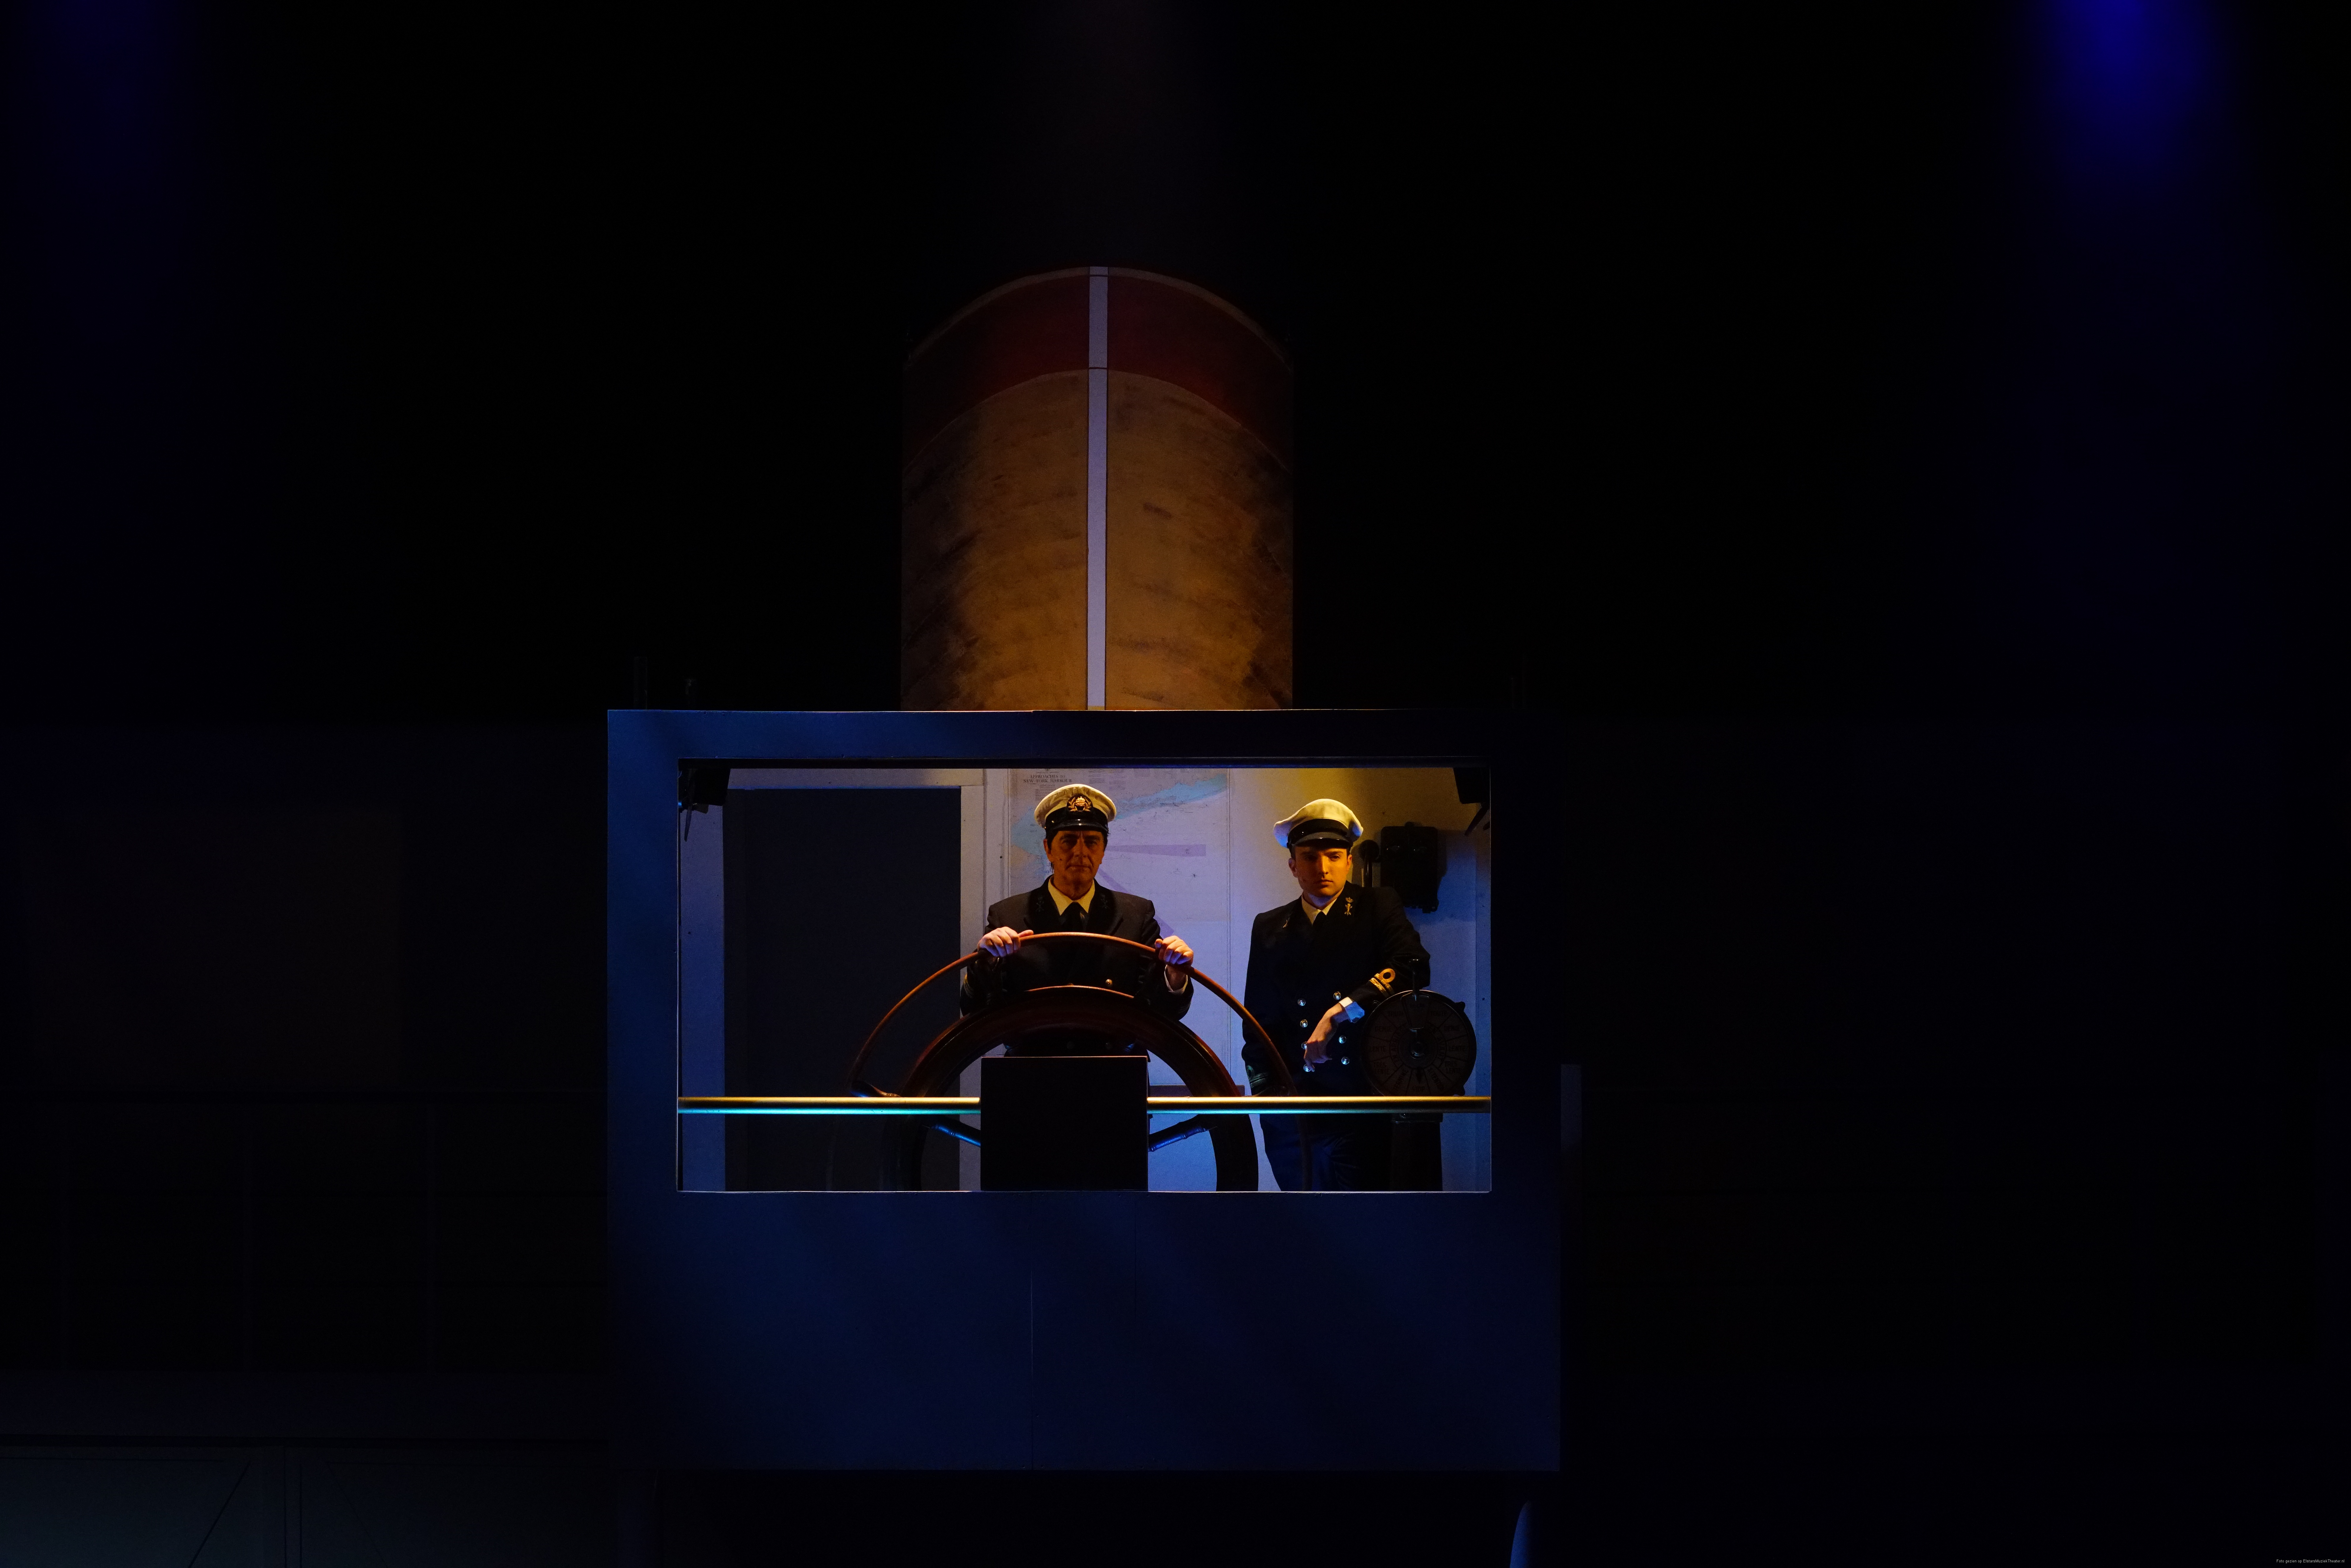 EMT Titanic voorstellingen Donald Schalk-0555.jpg